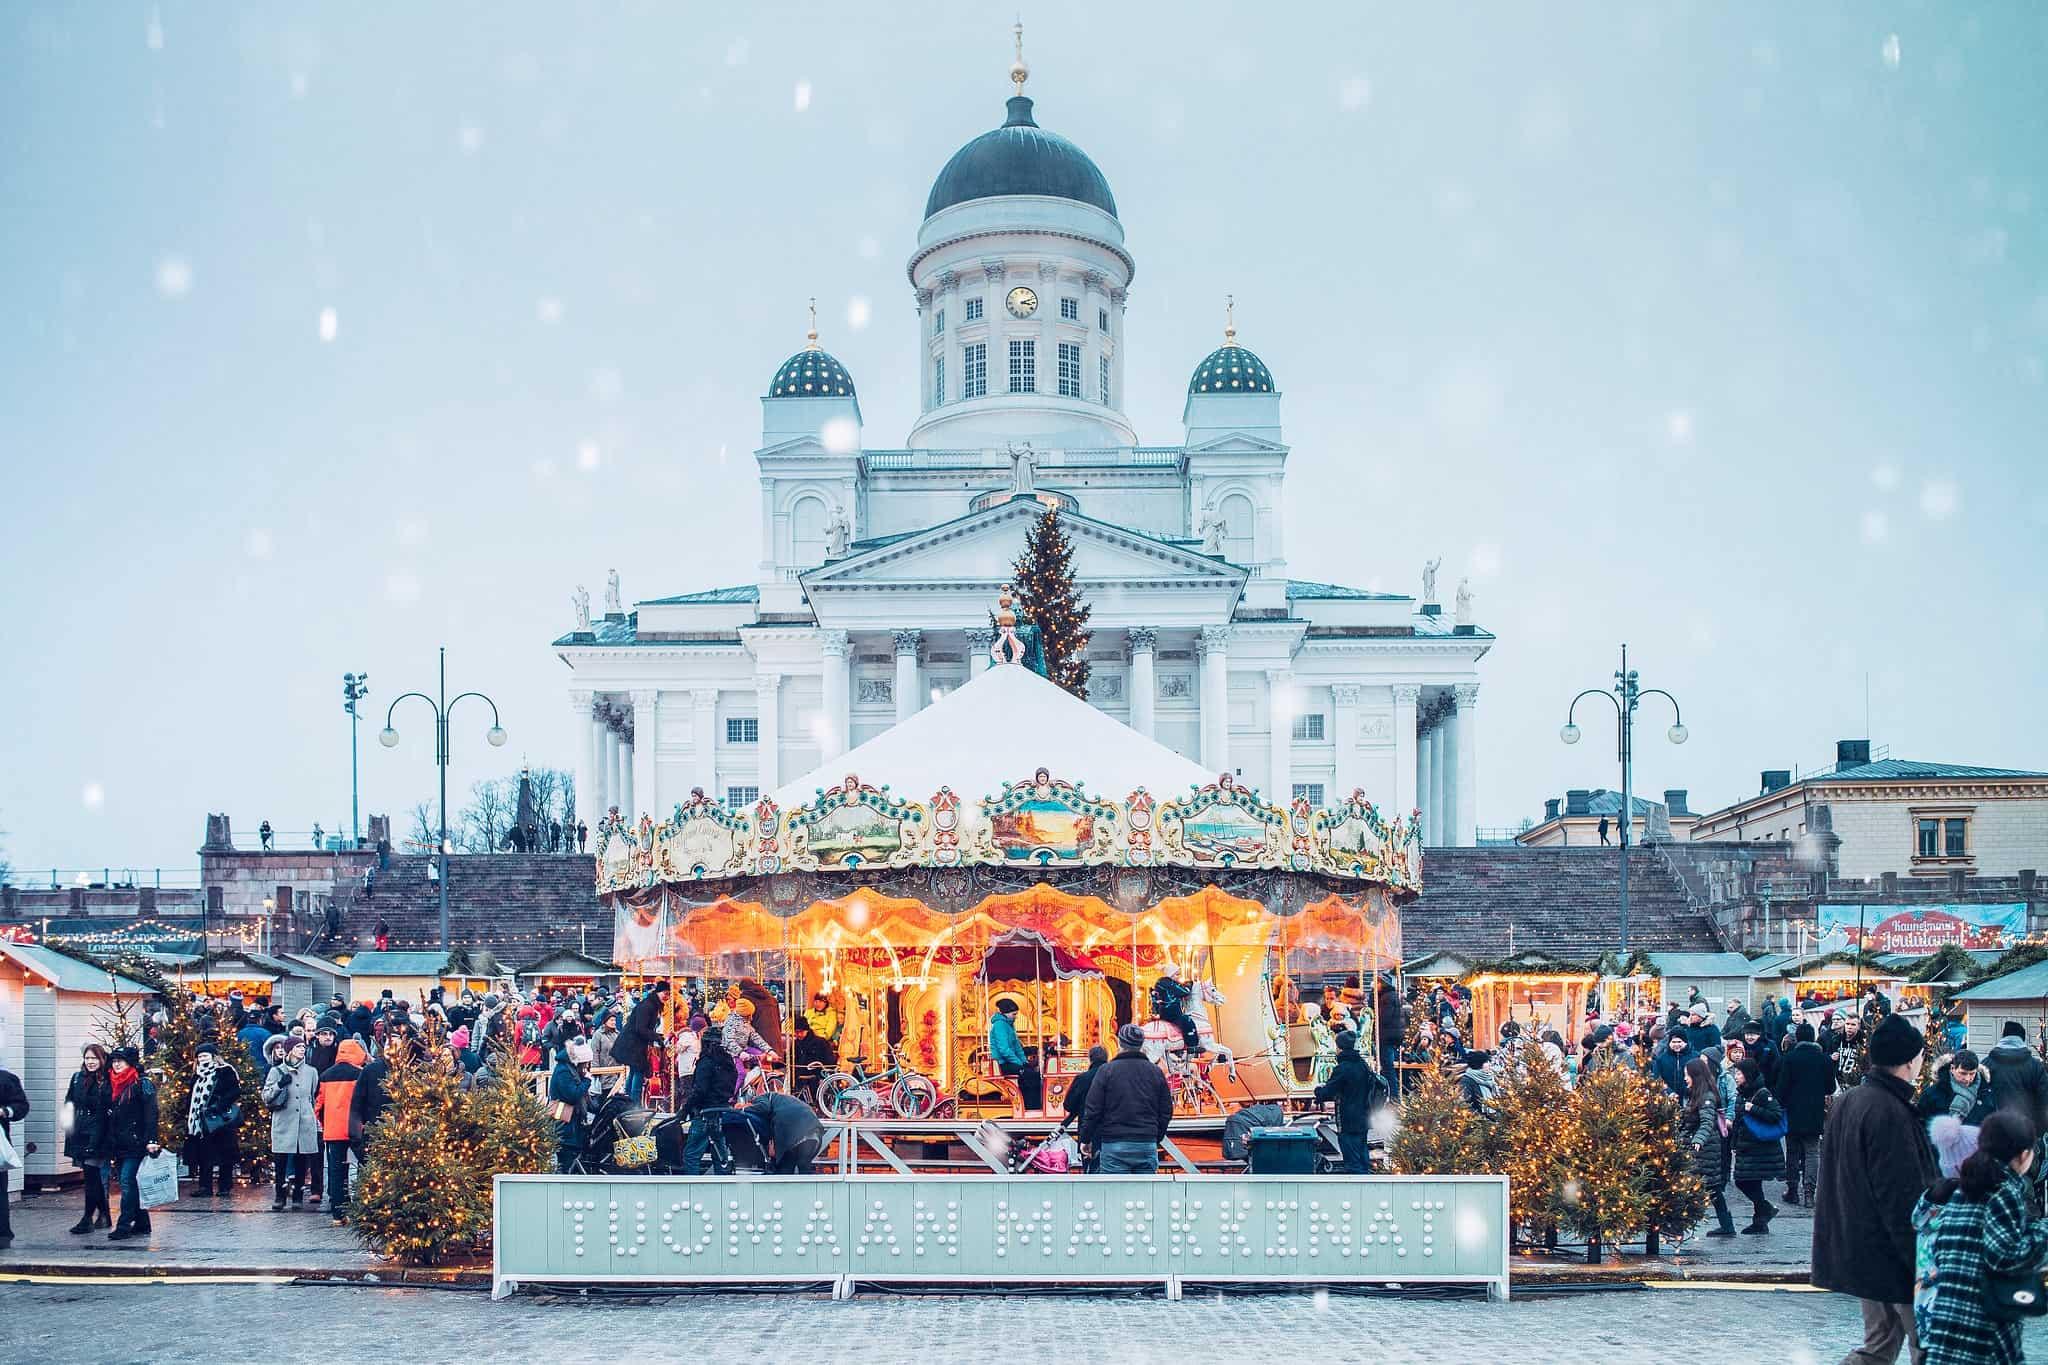 Хельсинки новый год фото